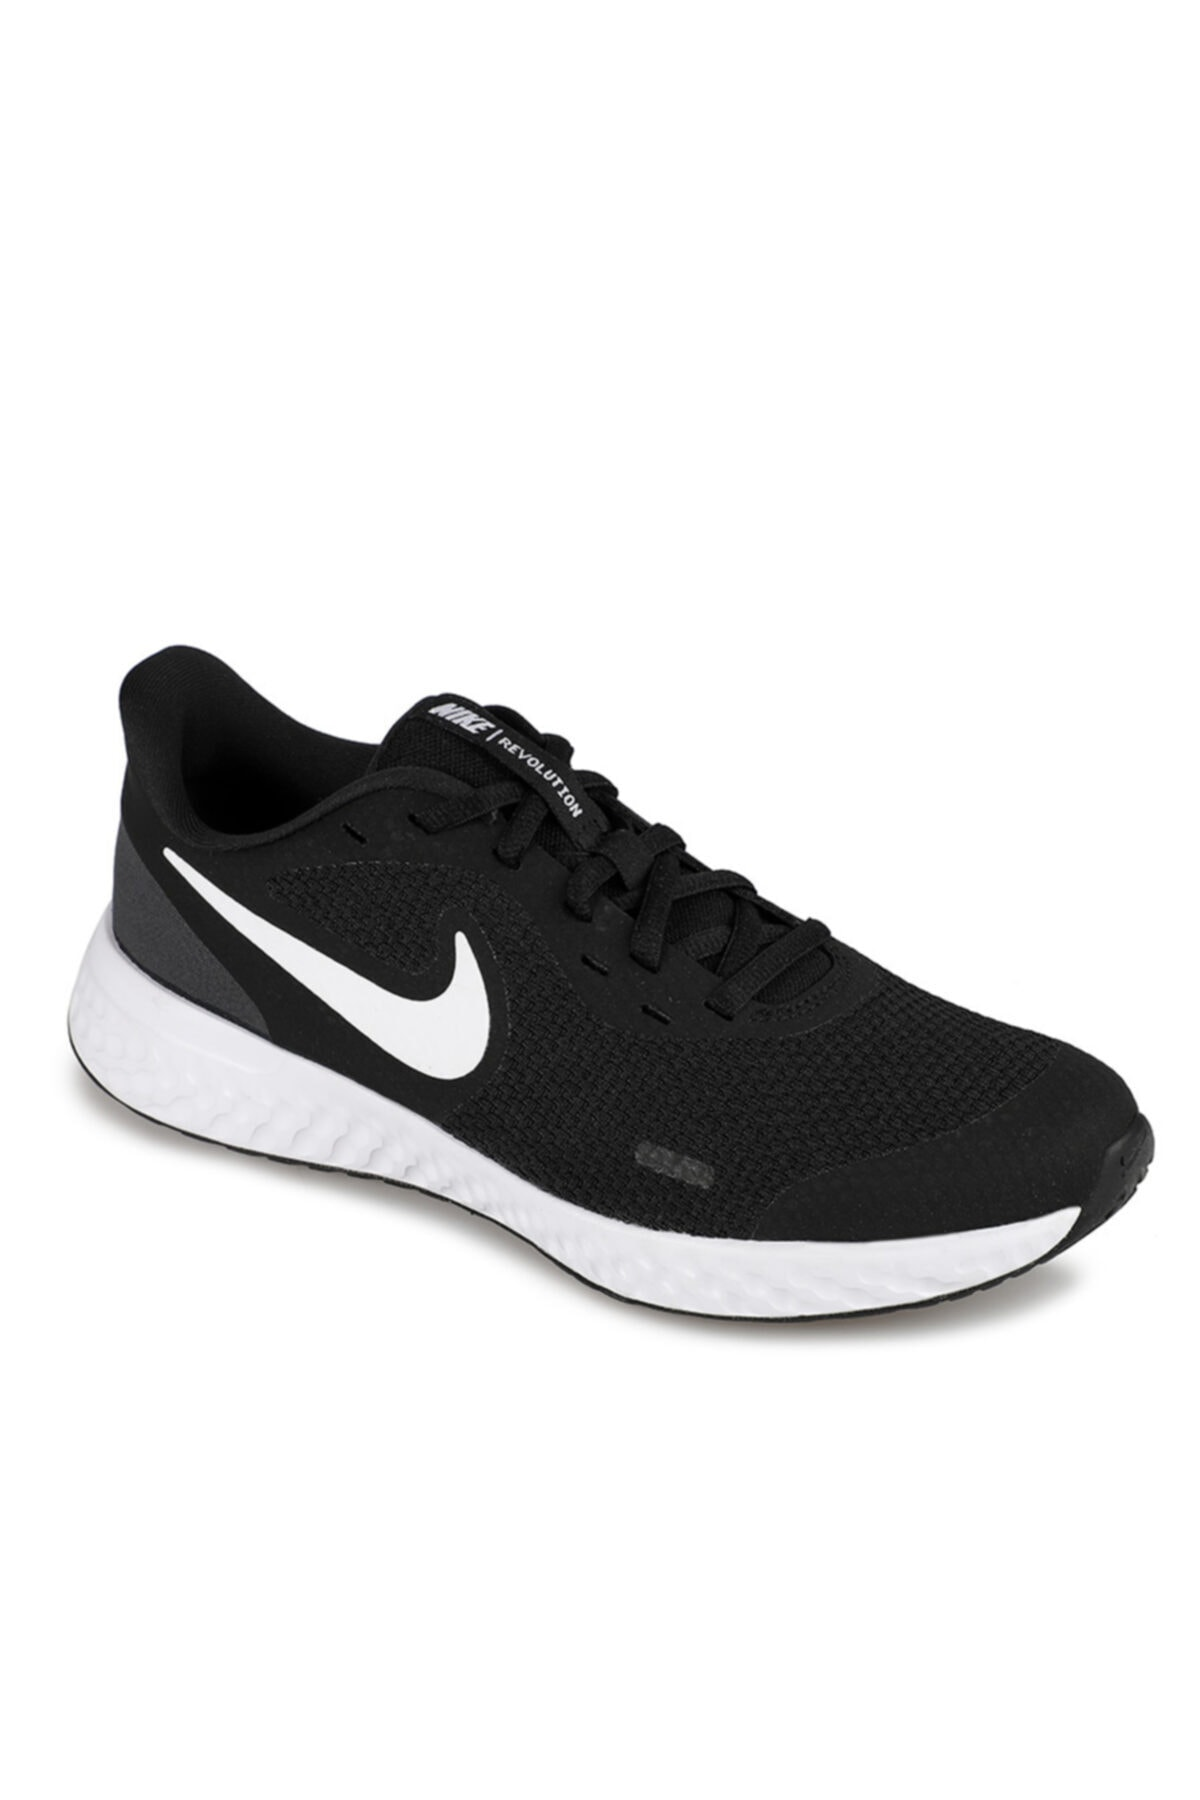 Nike Revolution 5 Sneaker Bq5671-003 1